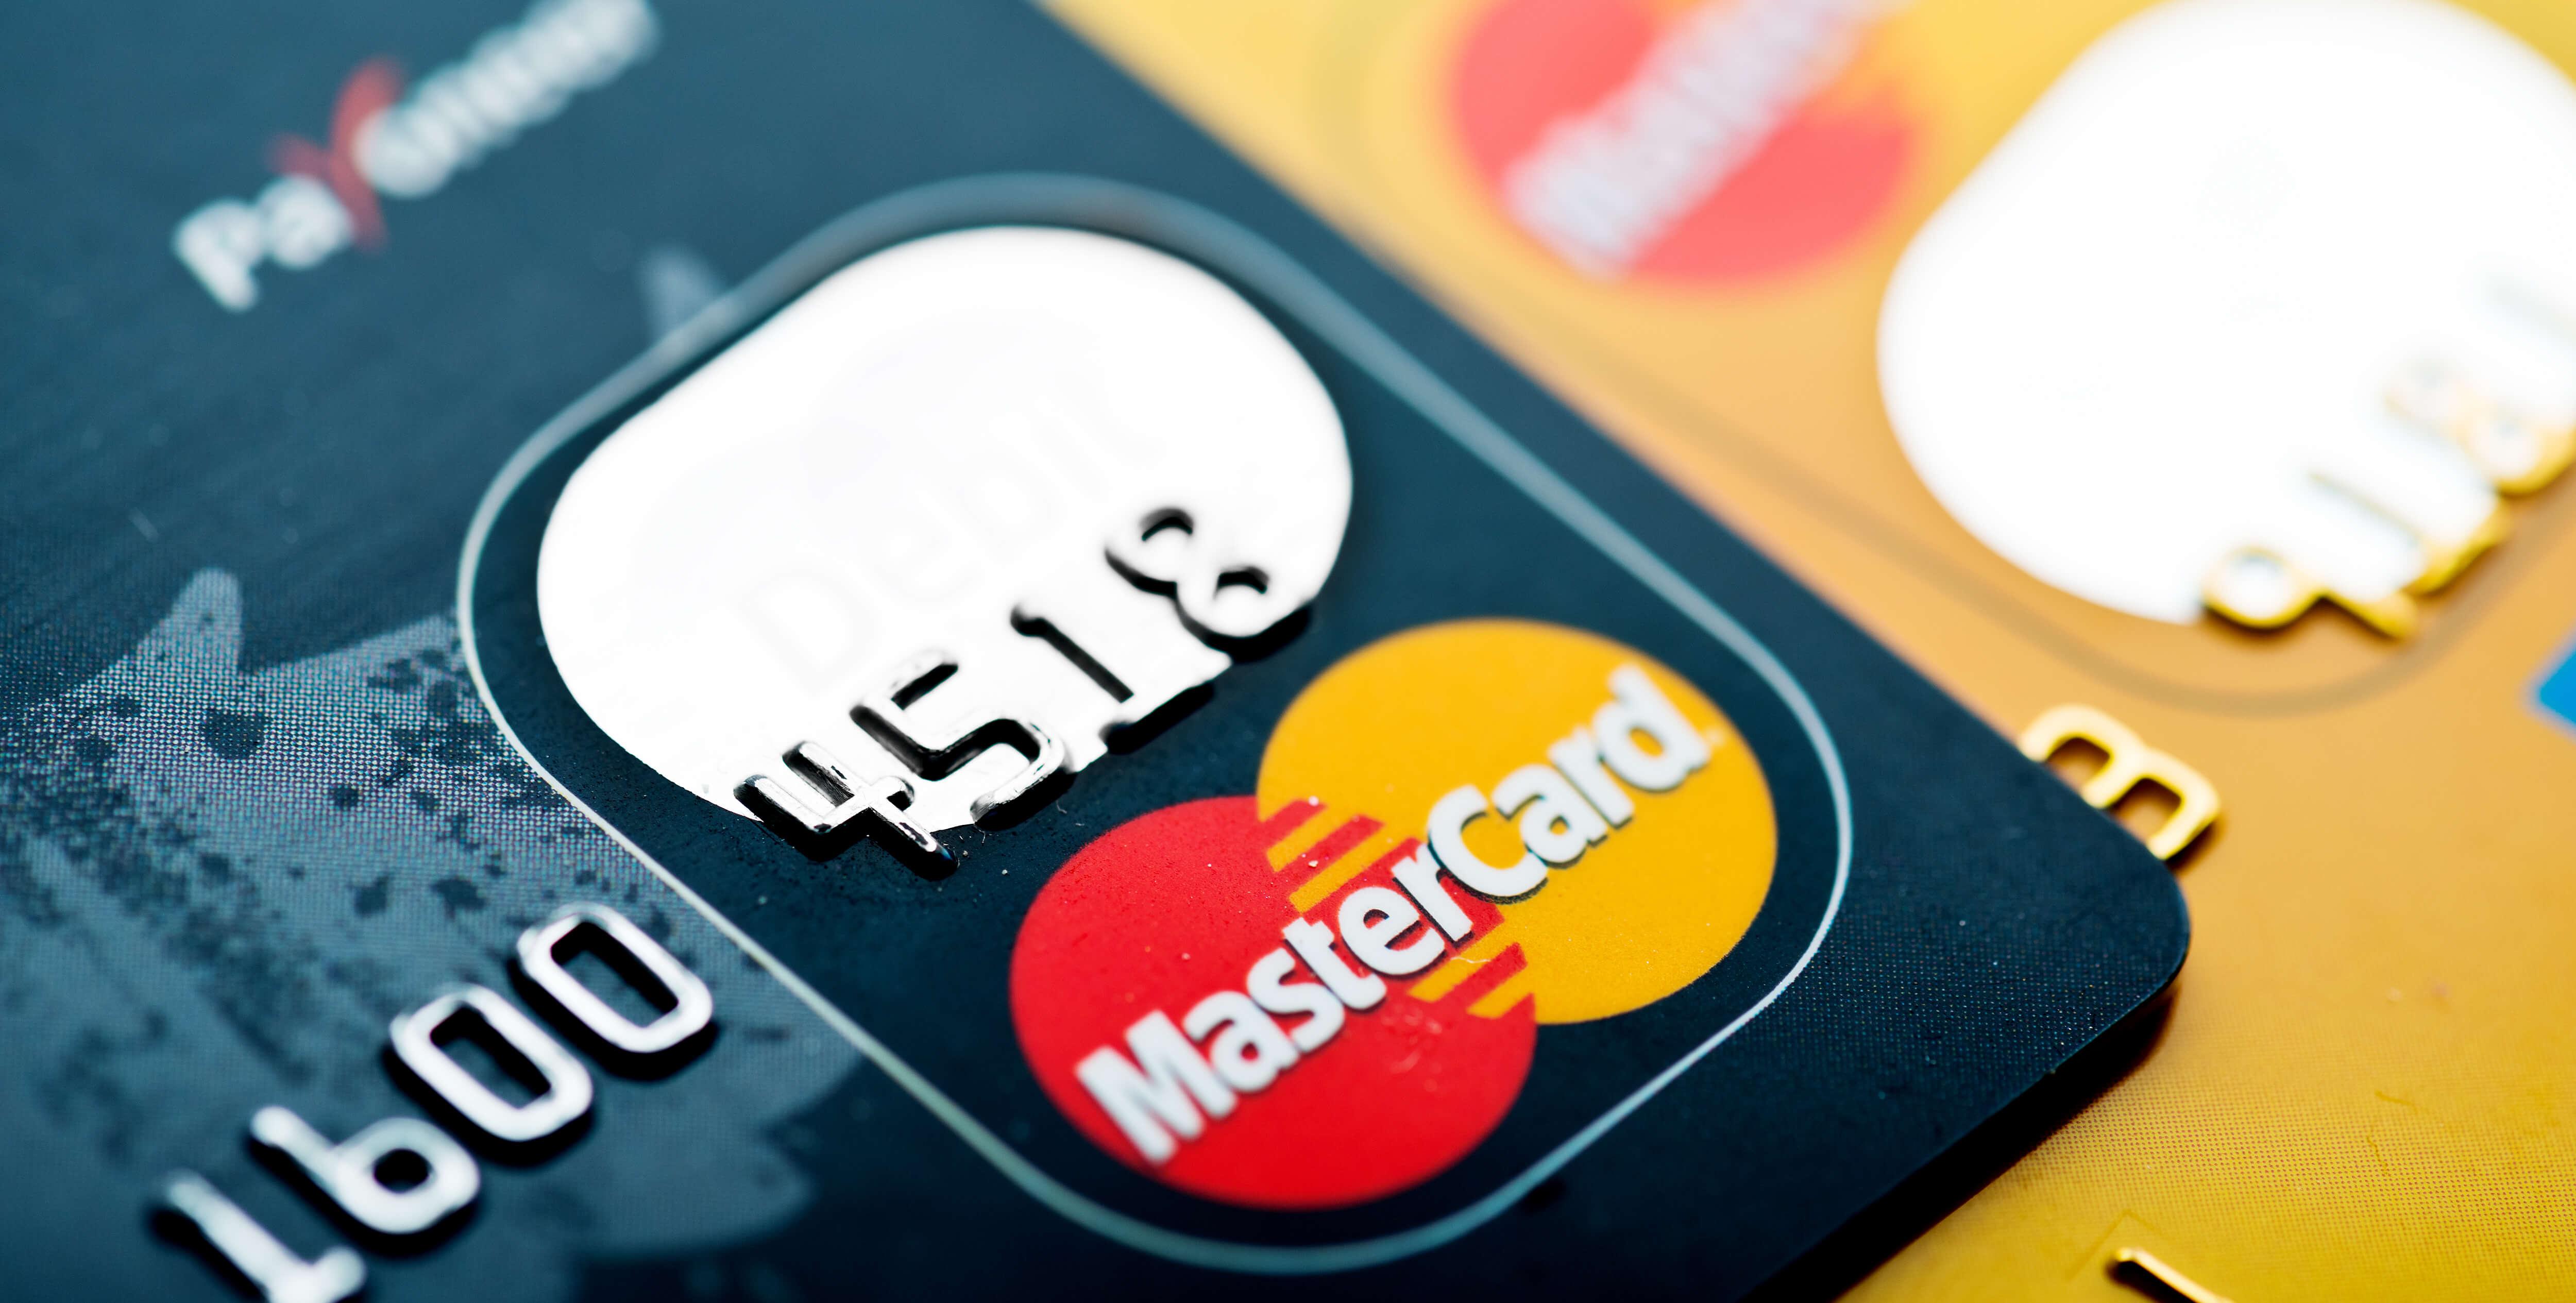 New Mastercard Partnership in China